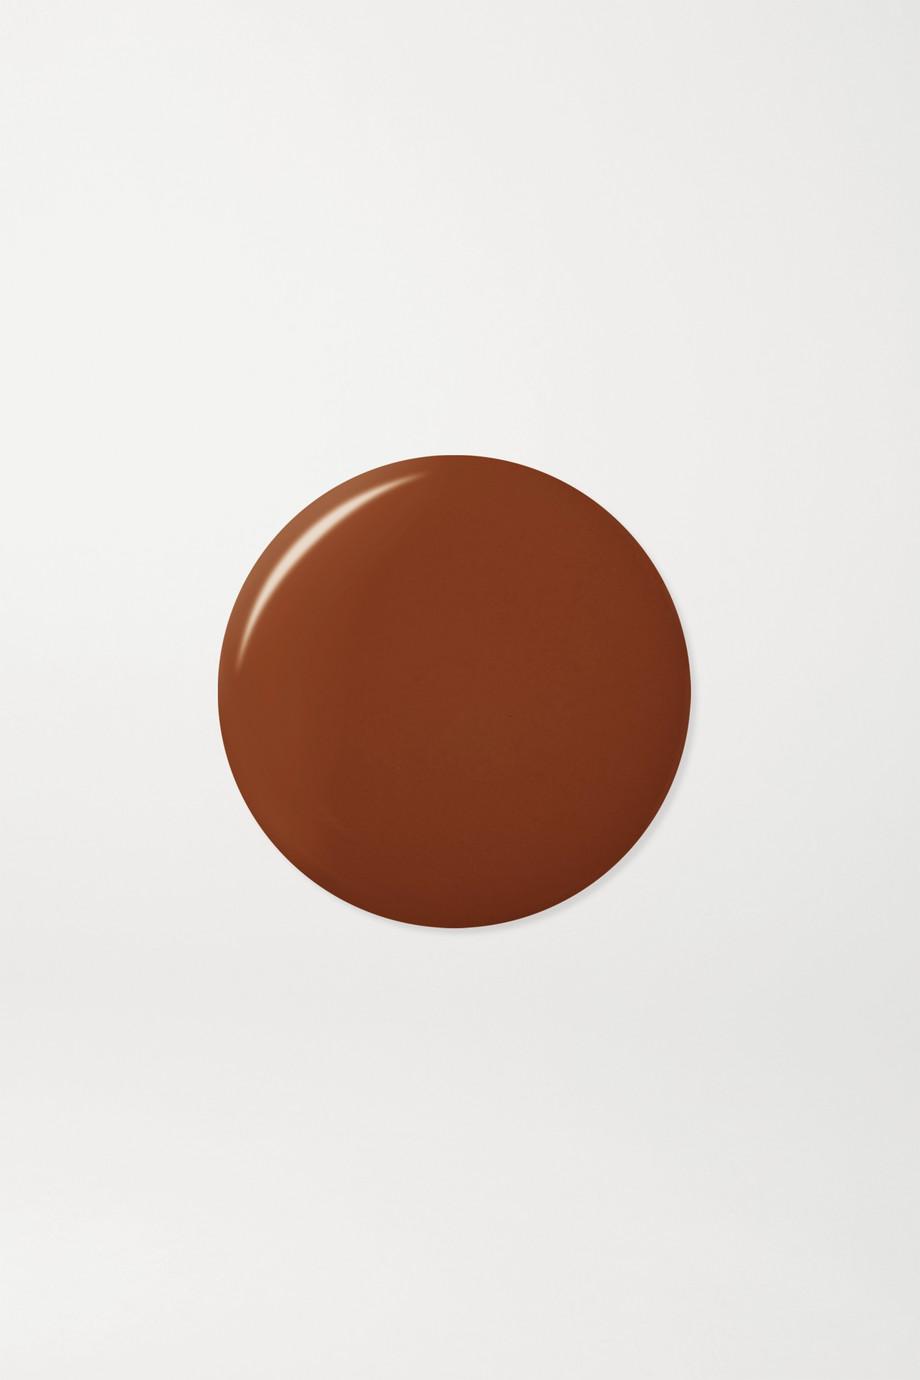 Kosas Tinted Face Oil, 30ml - 8.7